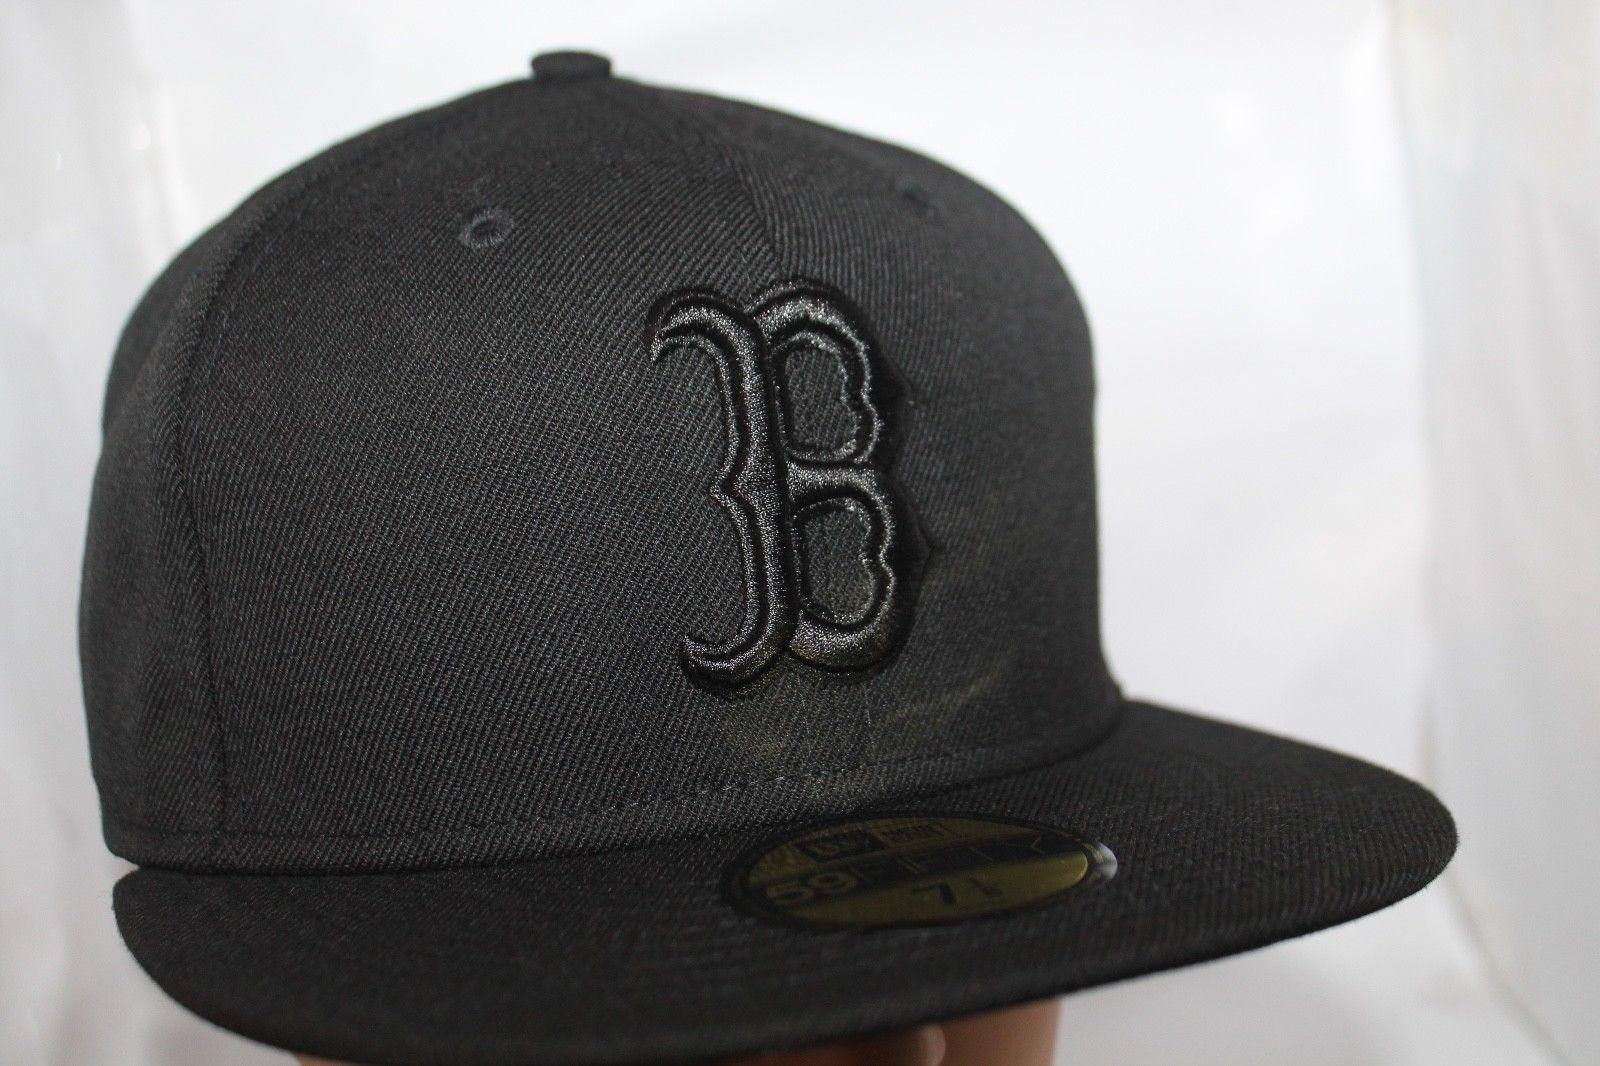 Boston Redsox New Era Mlb Basic Black 59fifty Hat Cap 59fifty Hats Boston Red Sox Red Sox